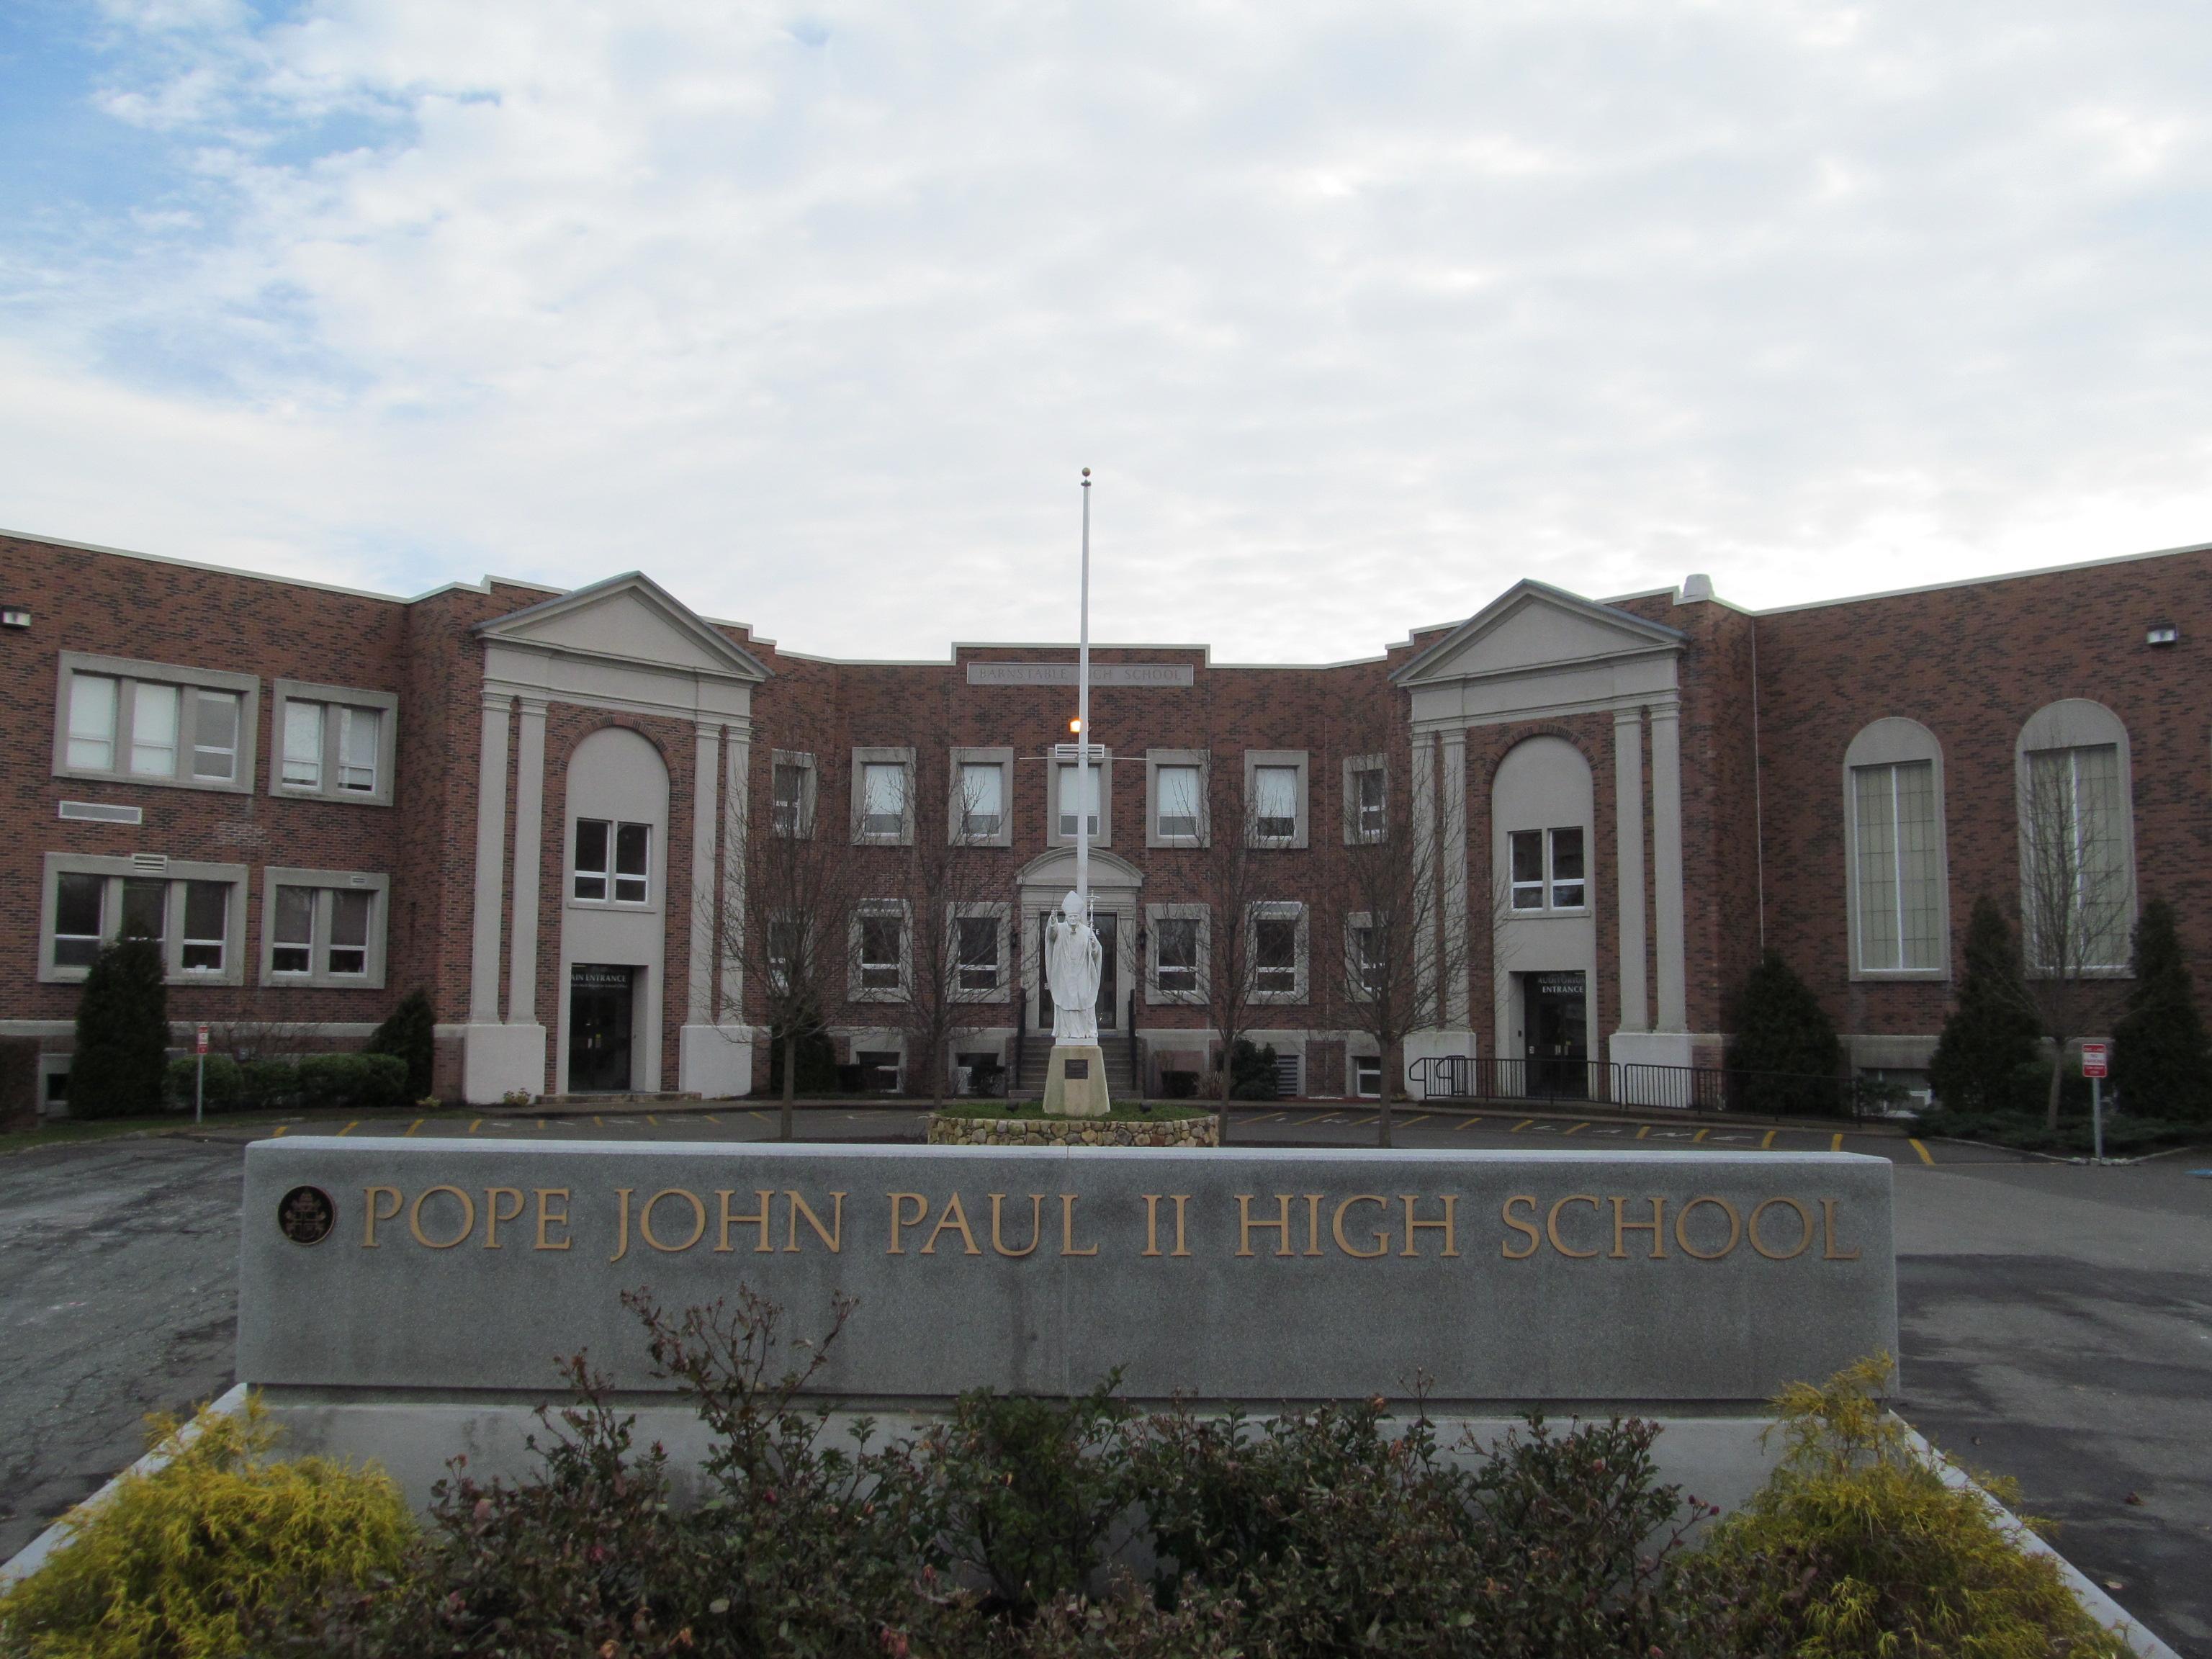 Pennsylvania - Trường Trung Học Pope John Paul II High School - USA